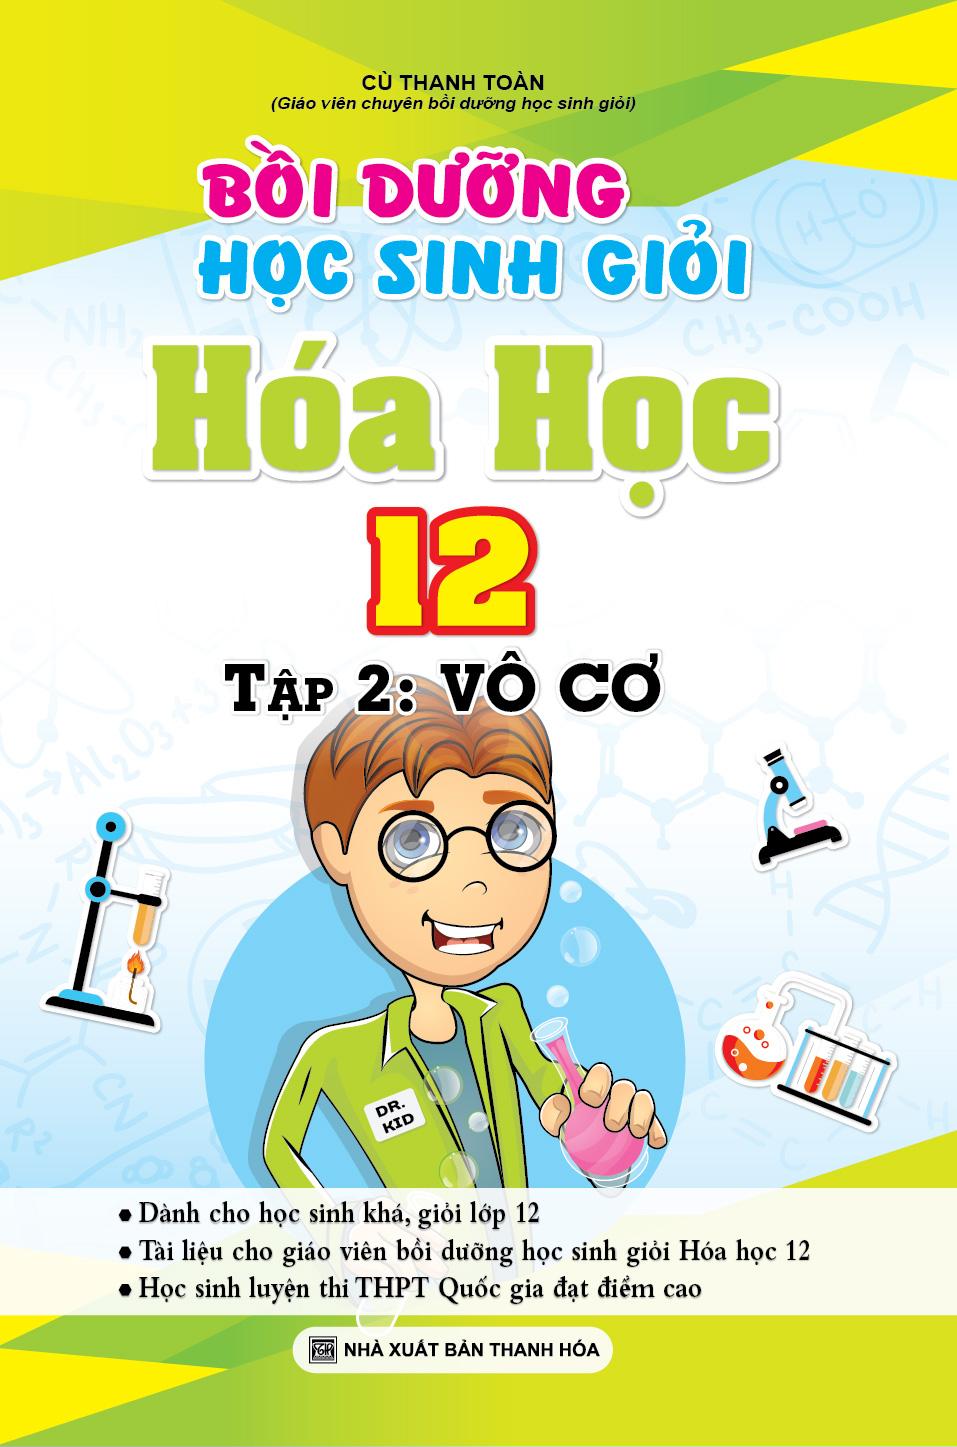 Bồi Dưỡng Học Sinh Giỏi Hóa Học 12 Tập 2: Vô Cơ - EBOOK/PDF/PRC/EPUB